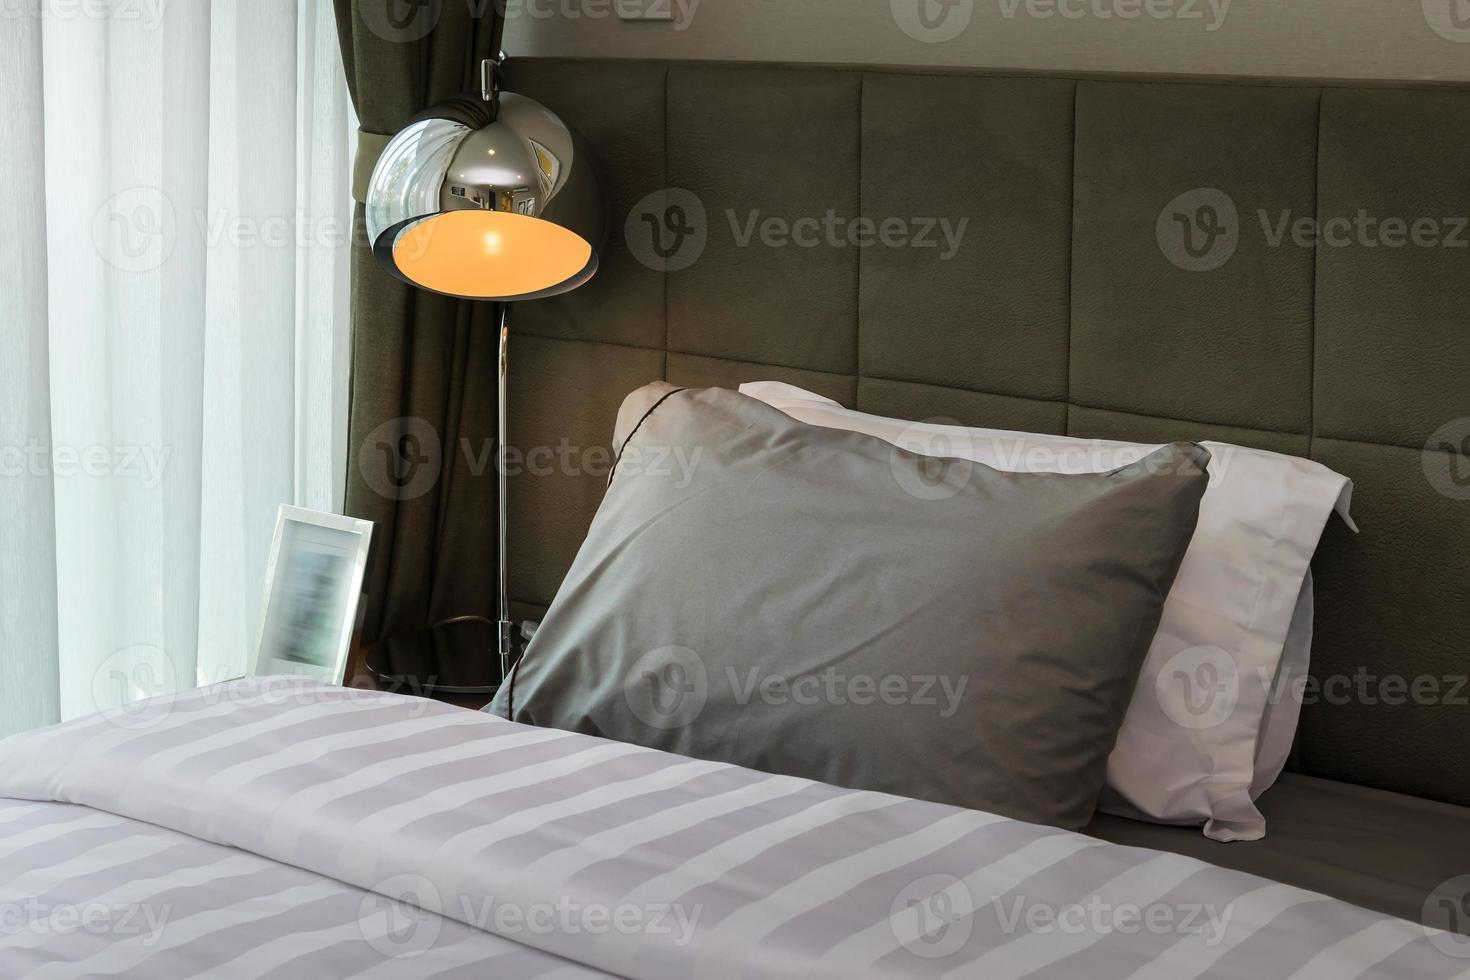 lampe de bureau en métal et oreiller gris sur le lit photo